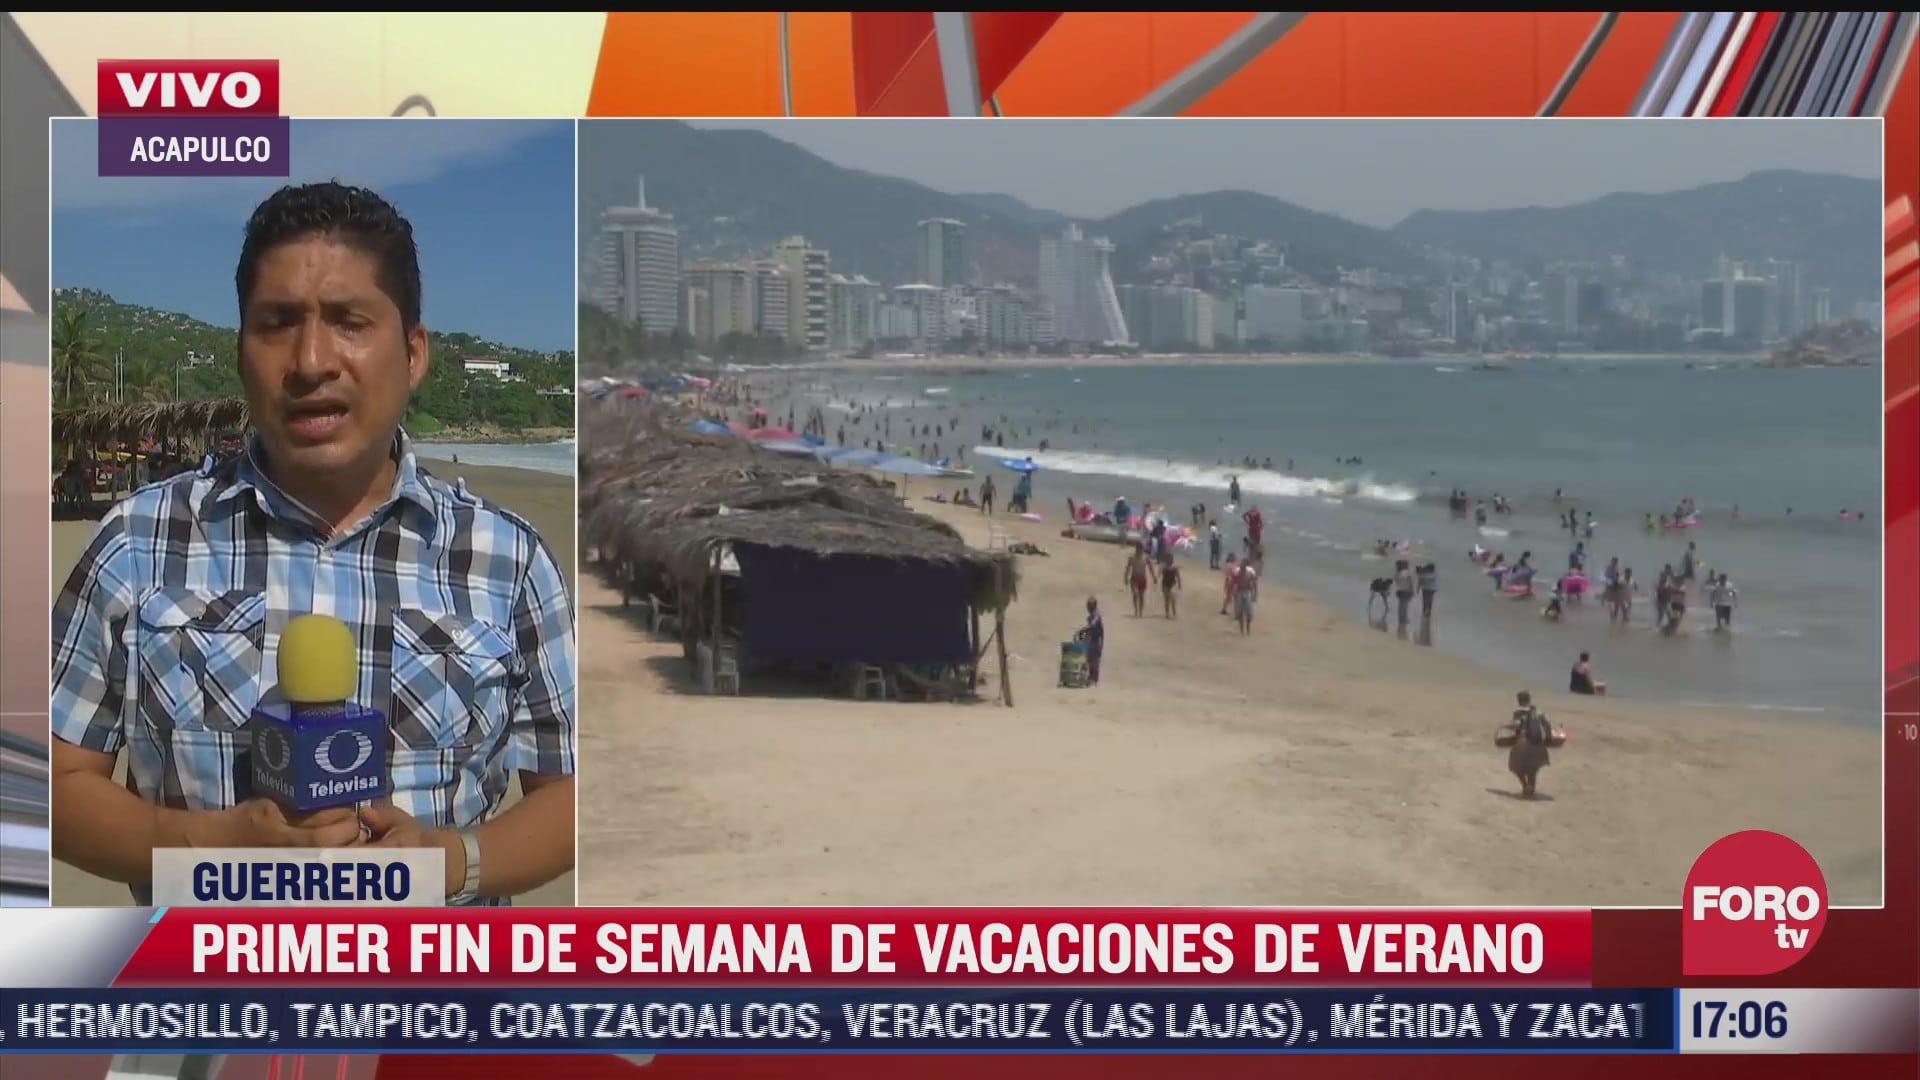 acapulco espera medio millon de vacacionistas este verano